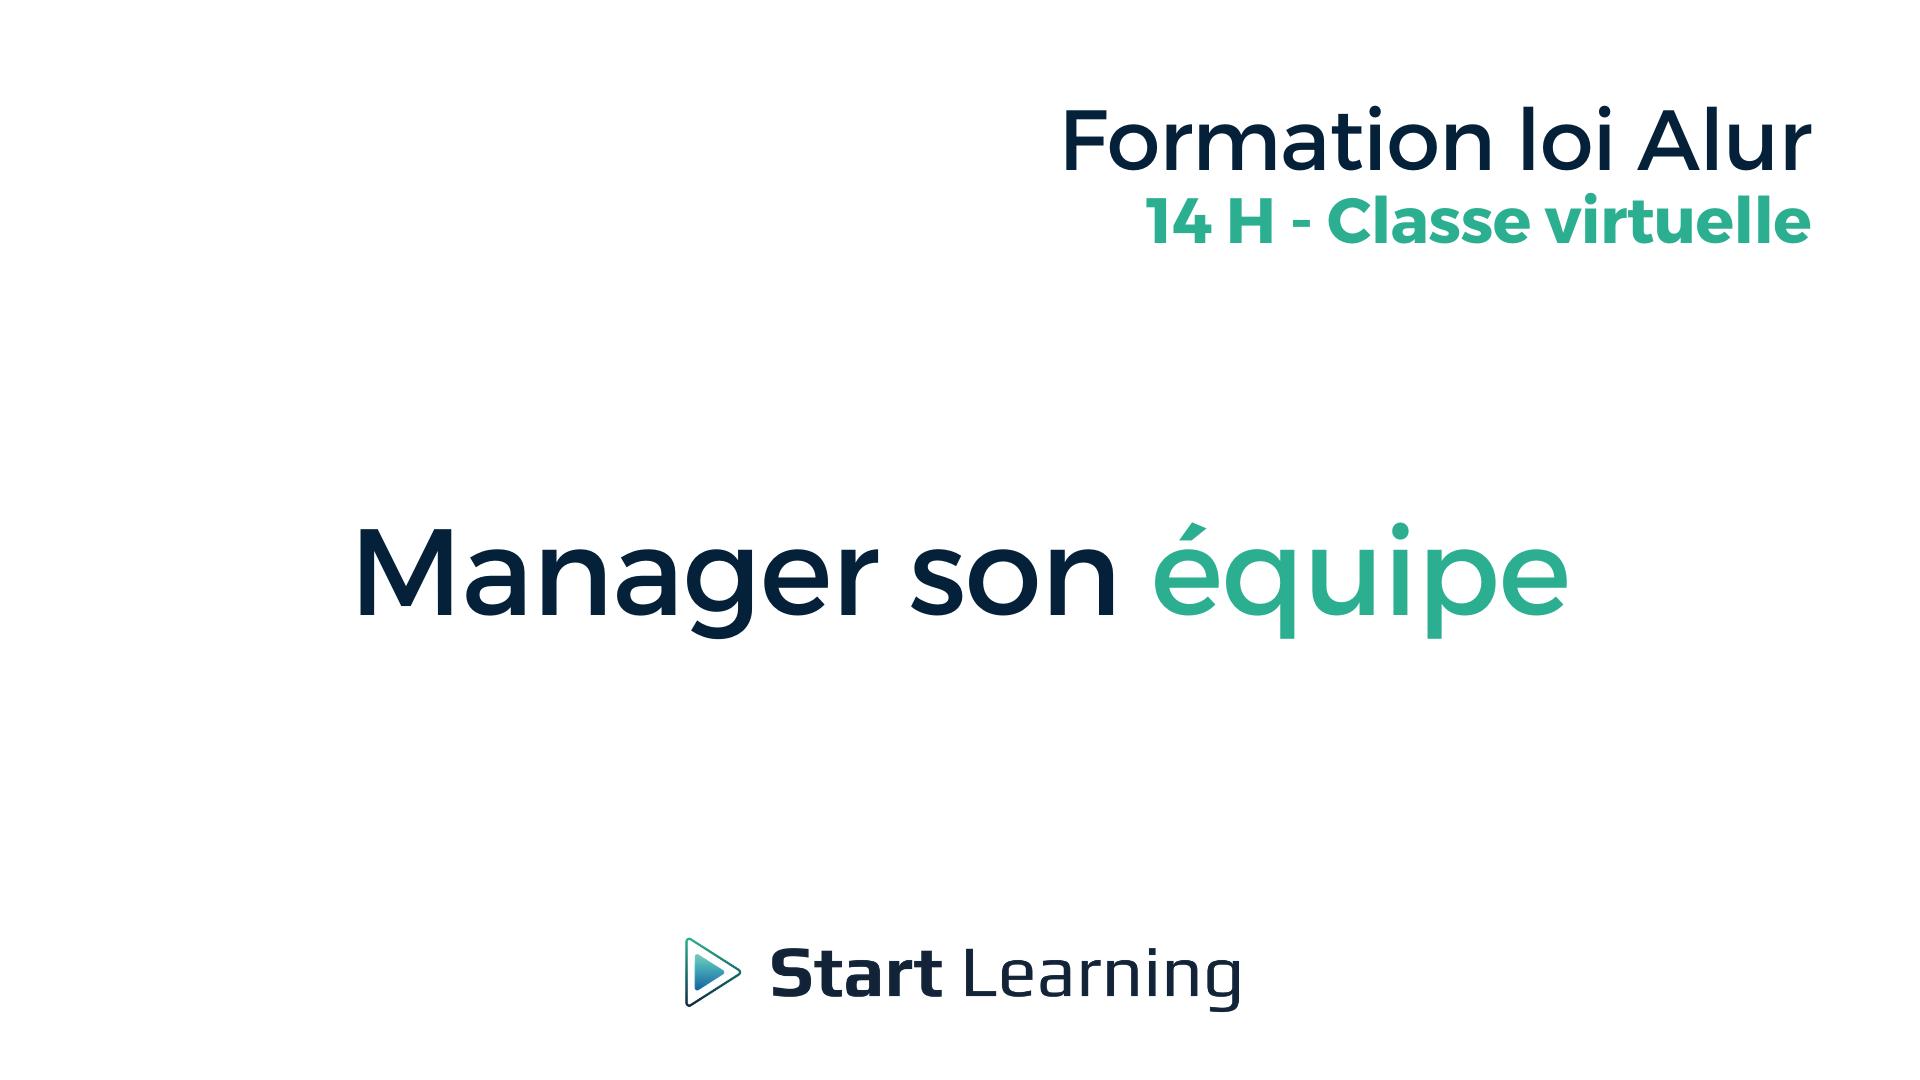 Formation loi Alur en classe virtuelle - Manager son équipe